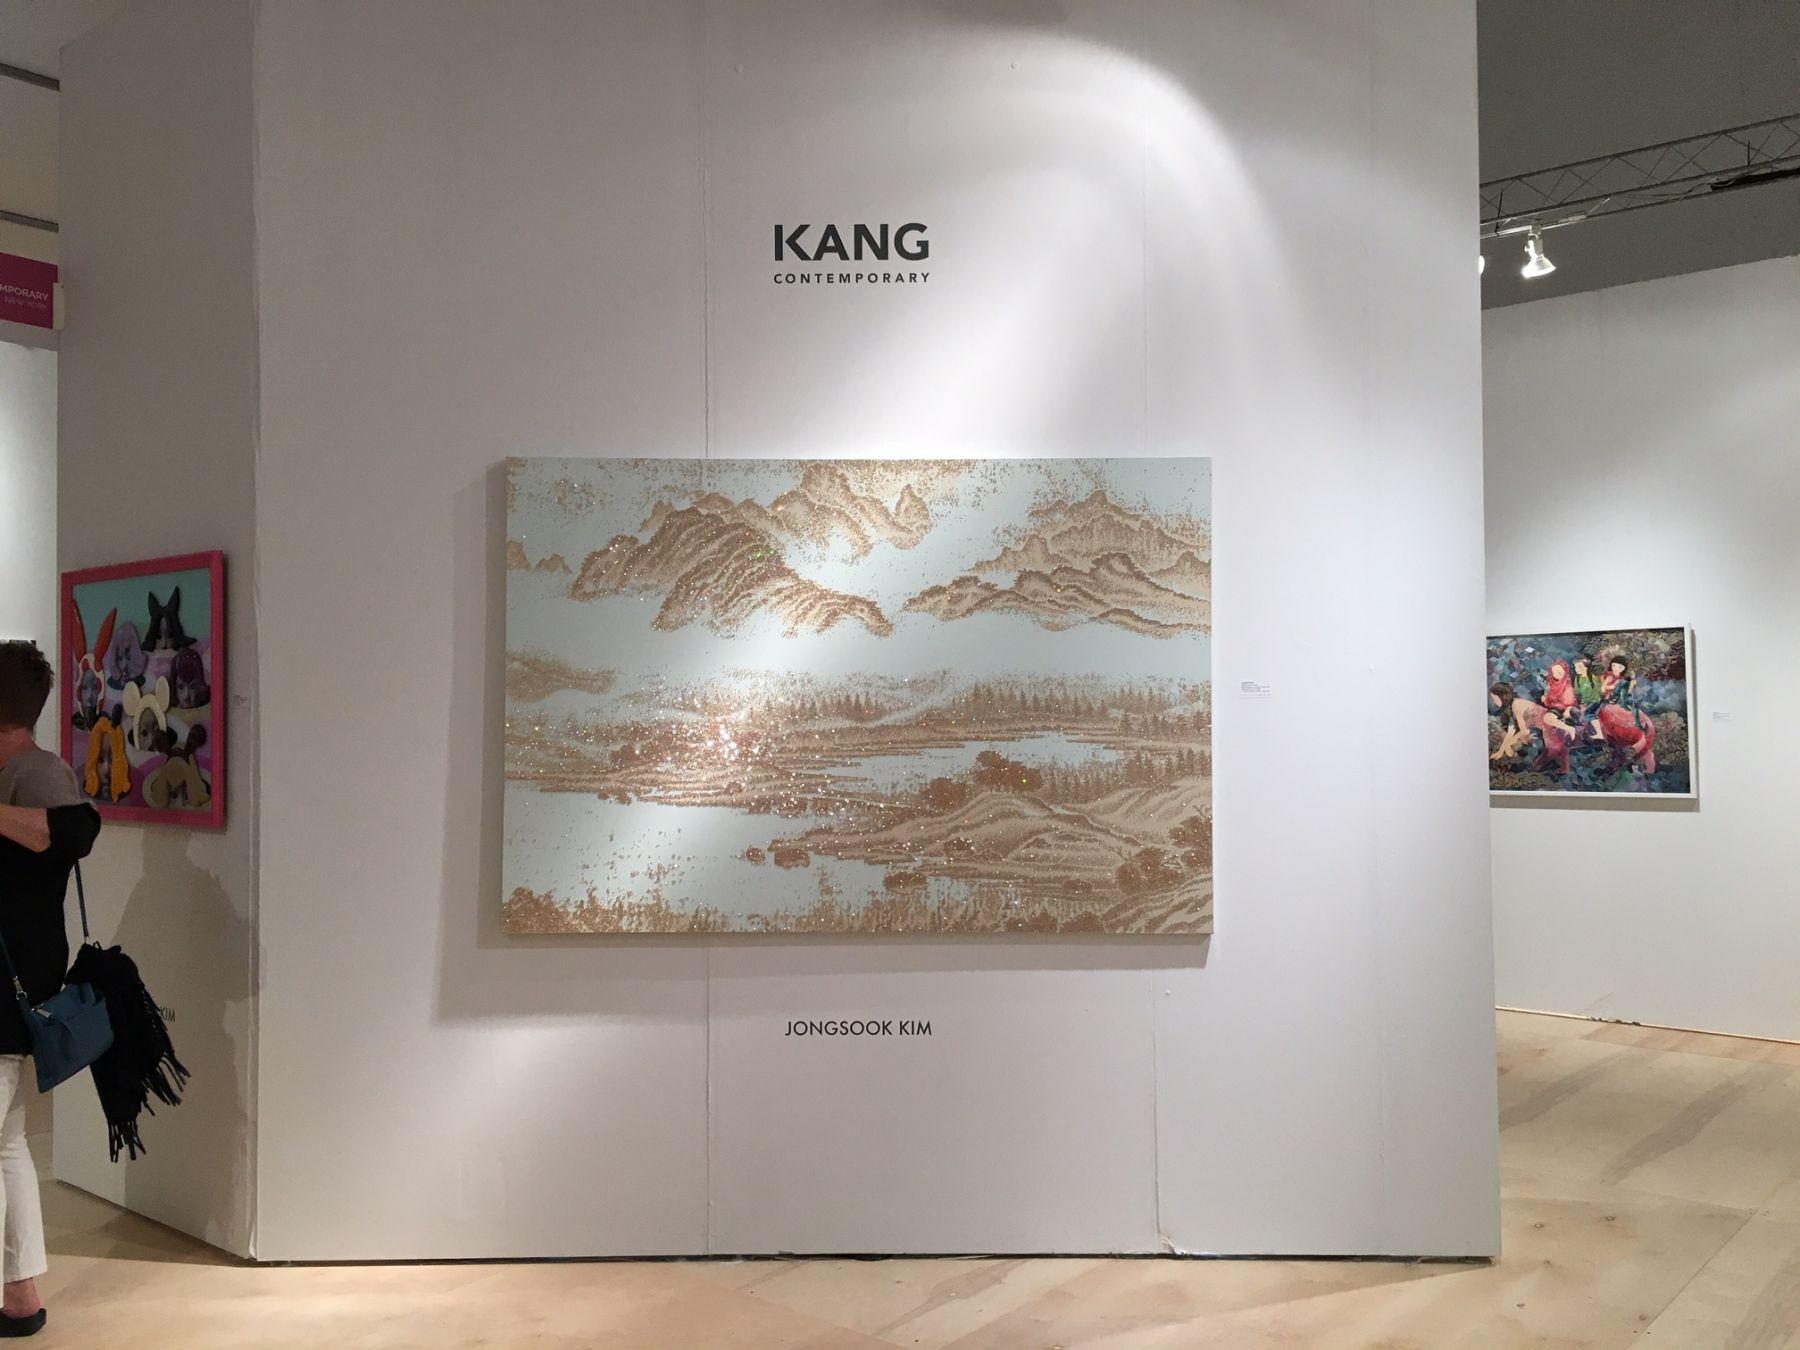 kang contemporary